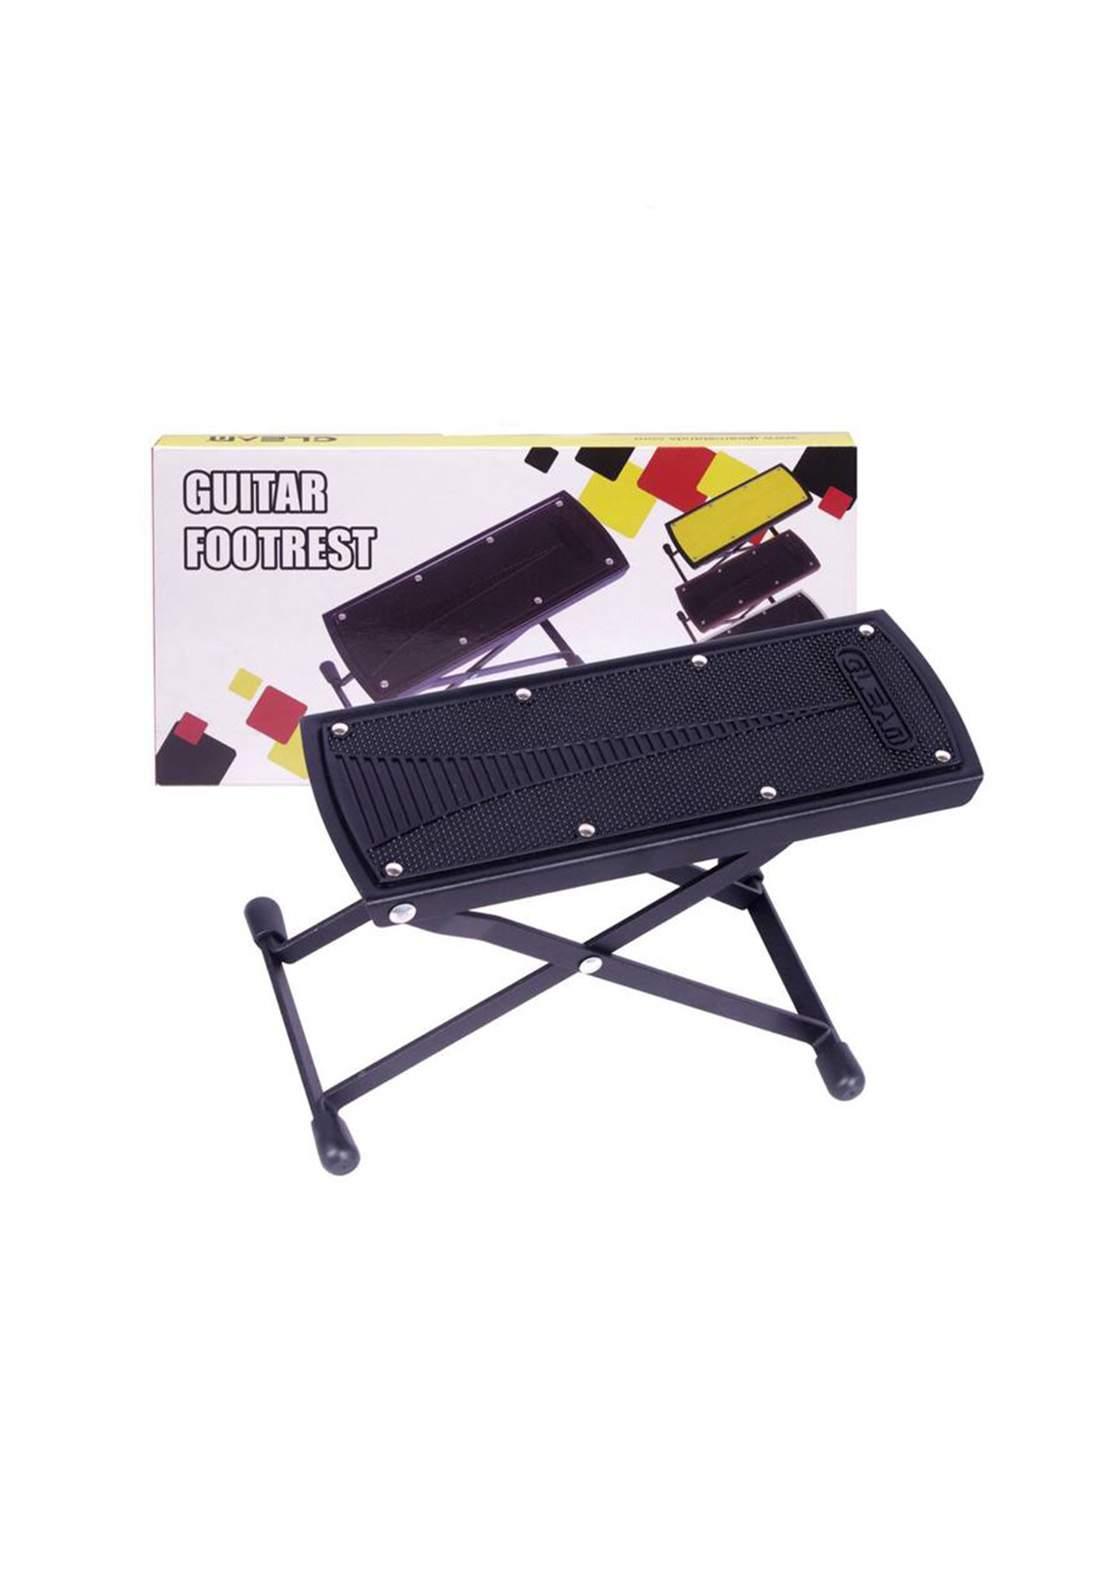 Guitar Foot Stand - مسند قدم لعازفين الجيتار الكلاسك